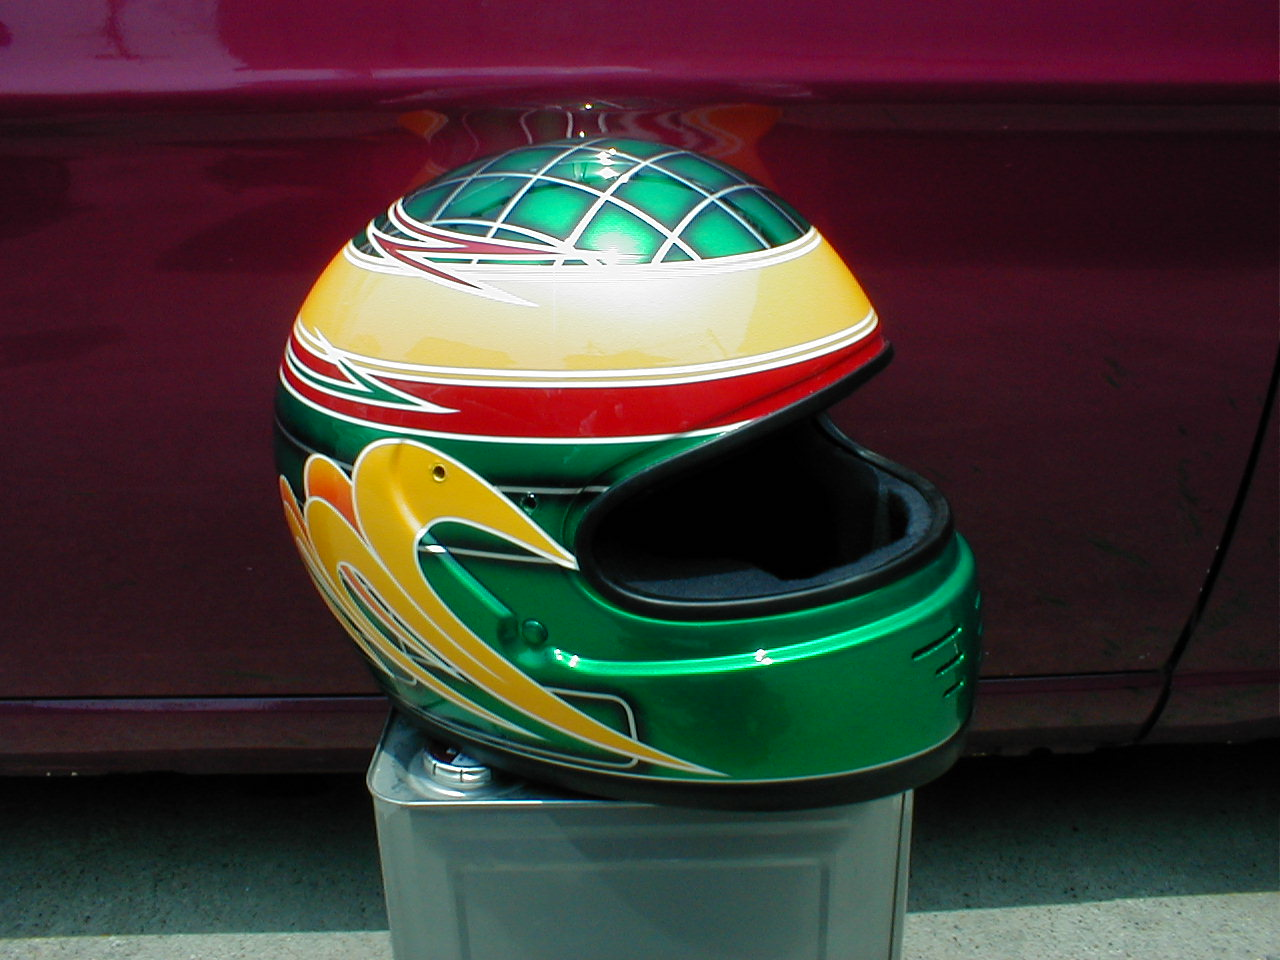 四輪・レース用デザインヘルメット第6弾。『32号車』